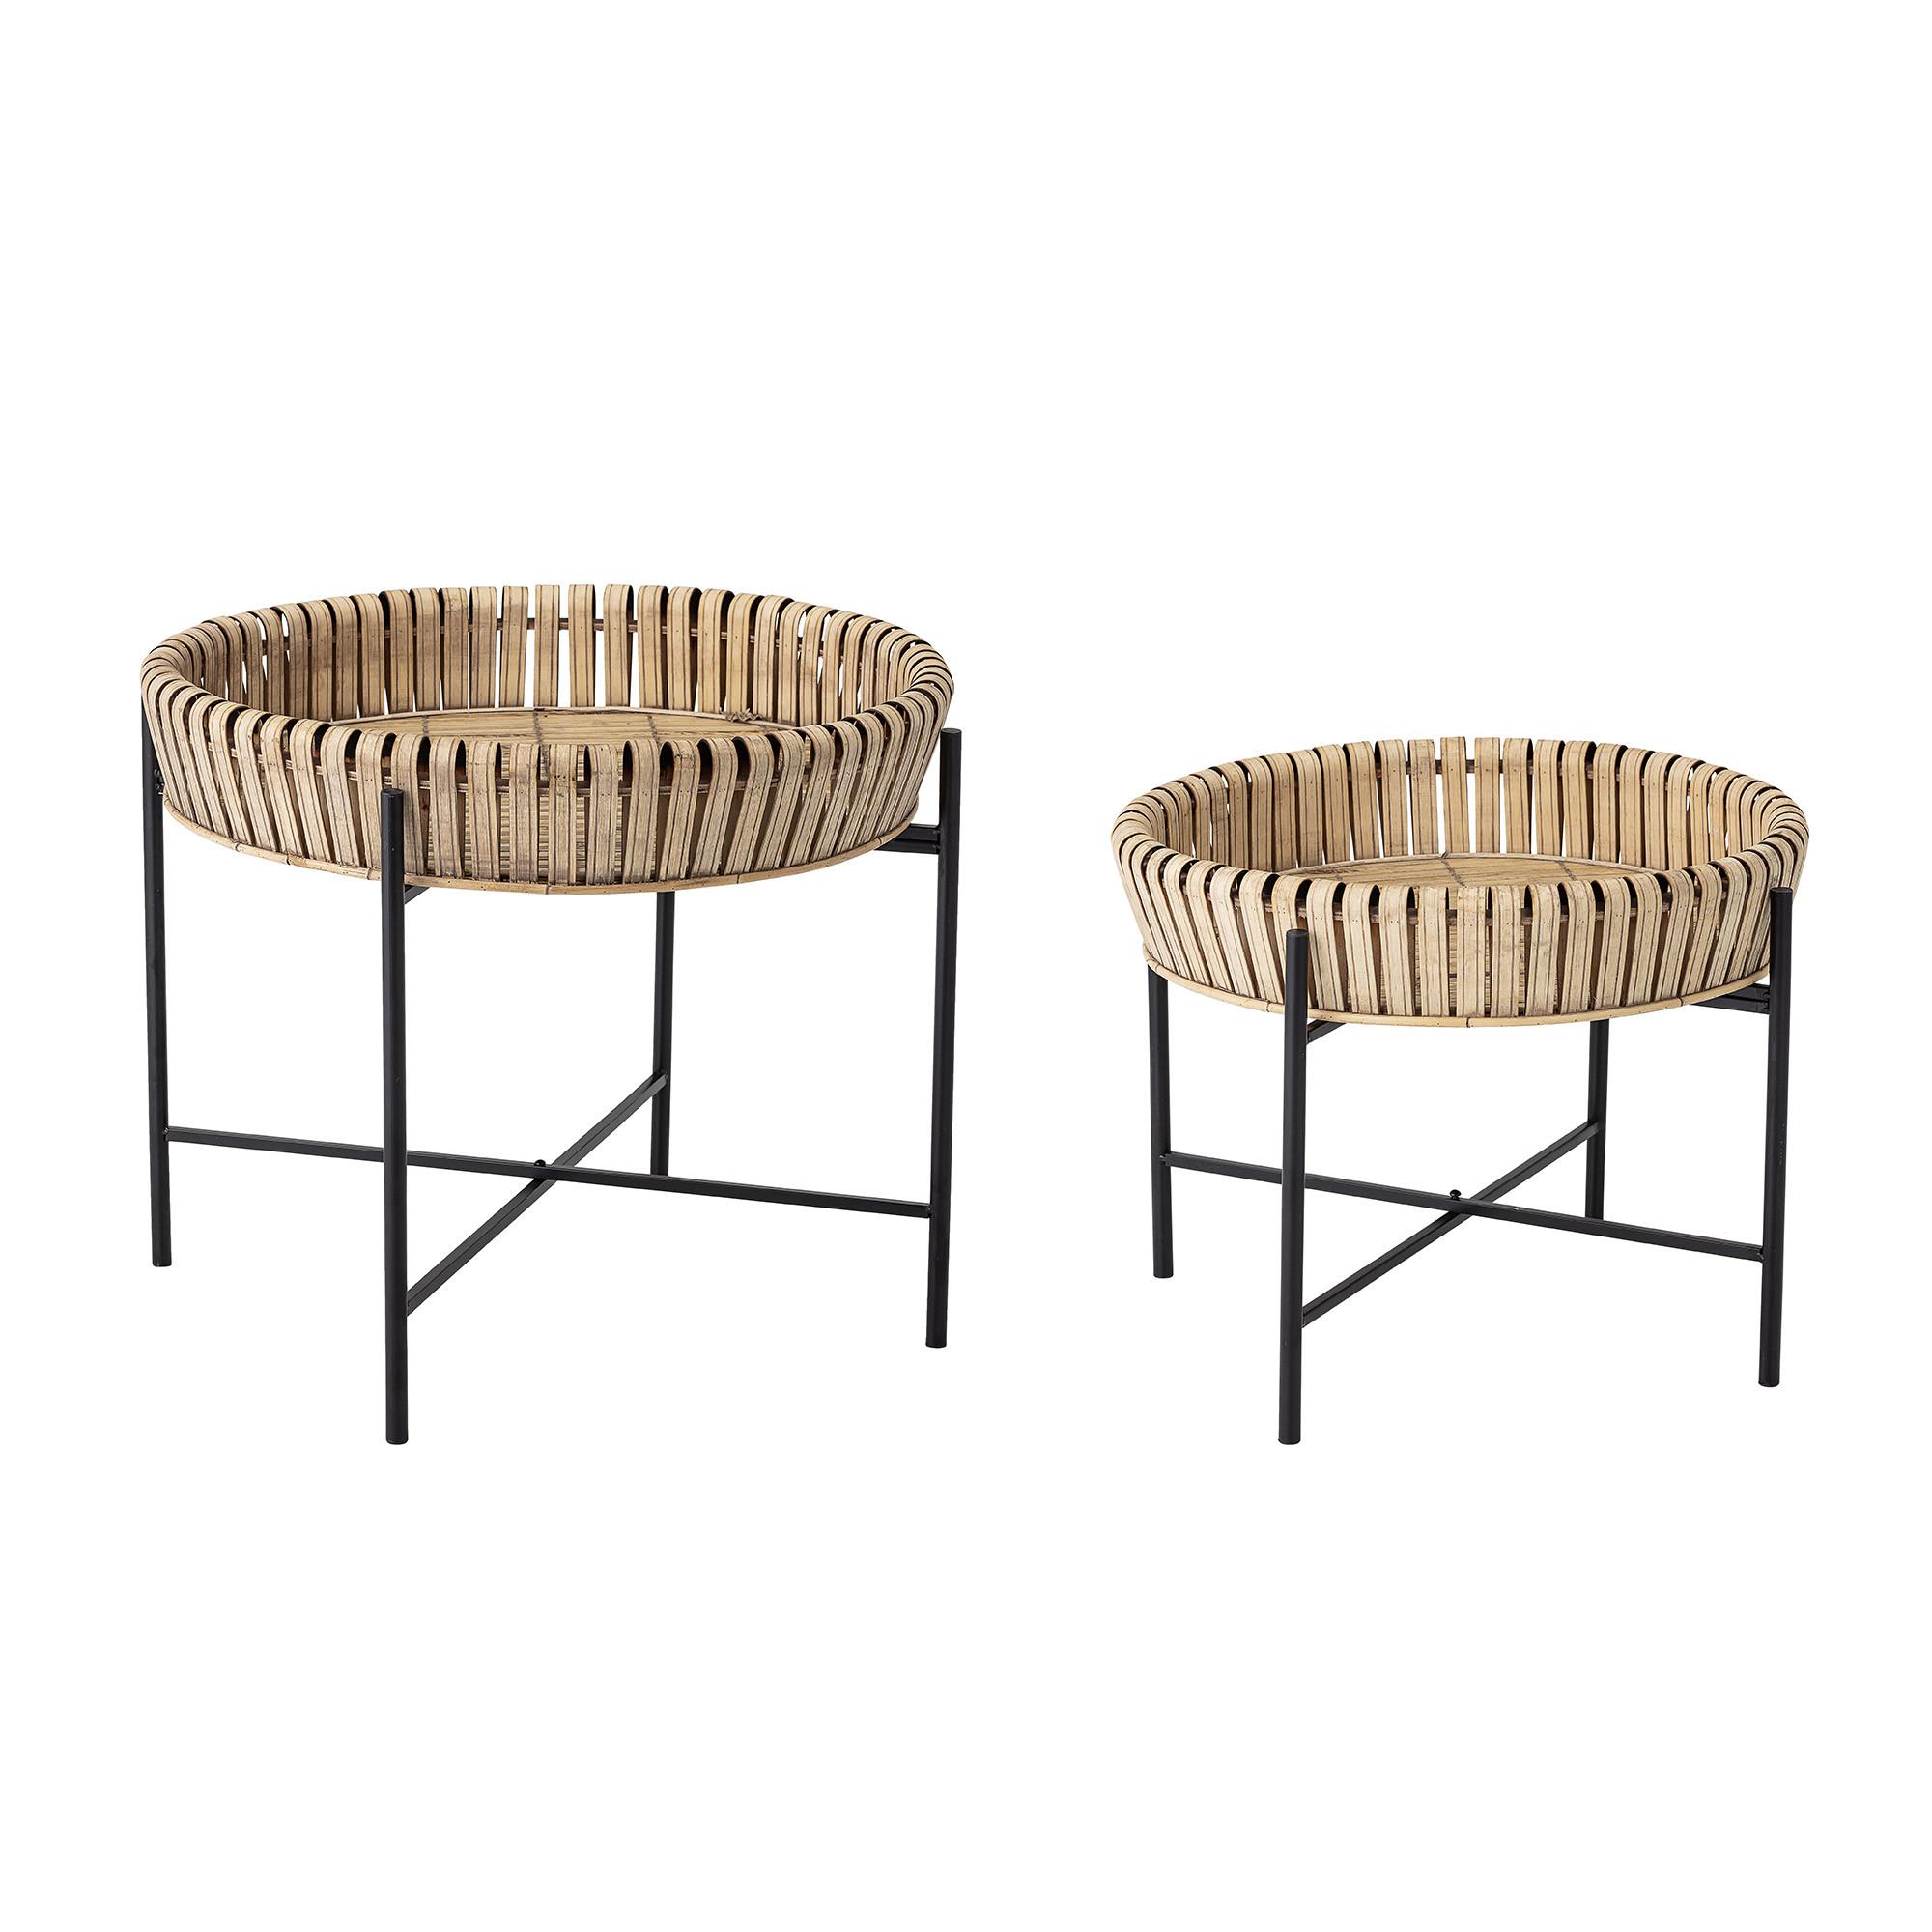 Set of 2 Side Tables   Natural